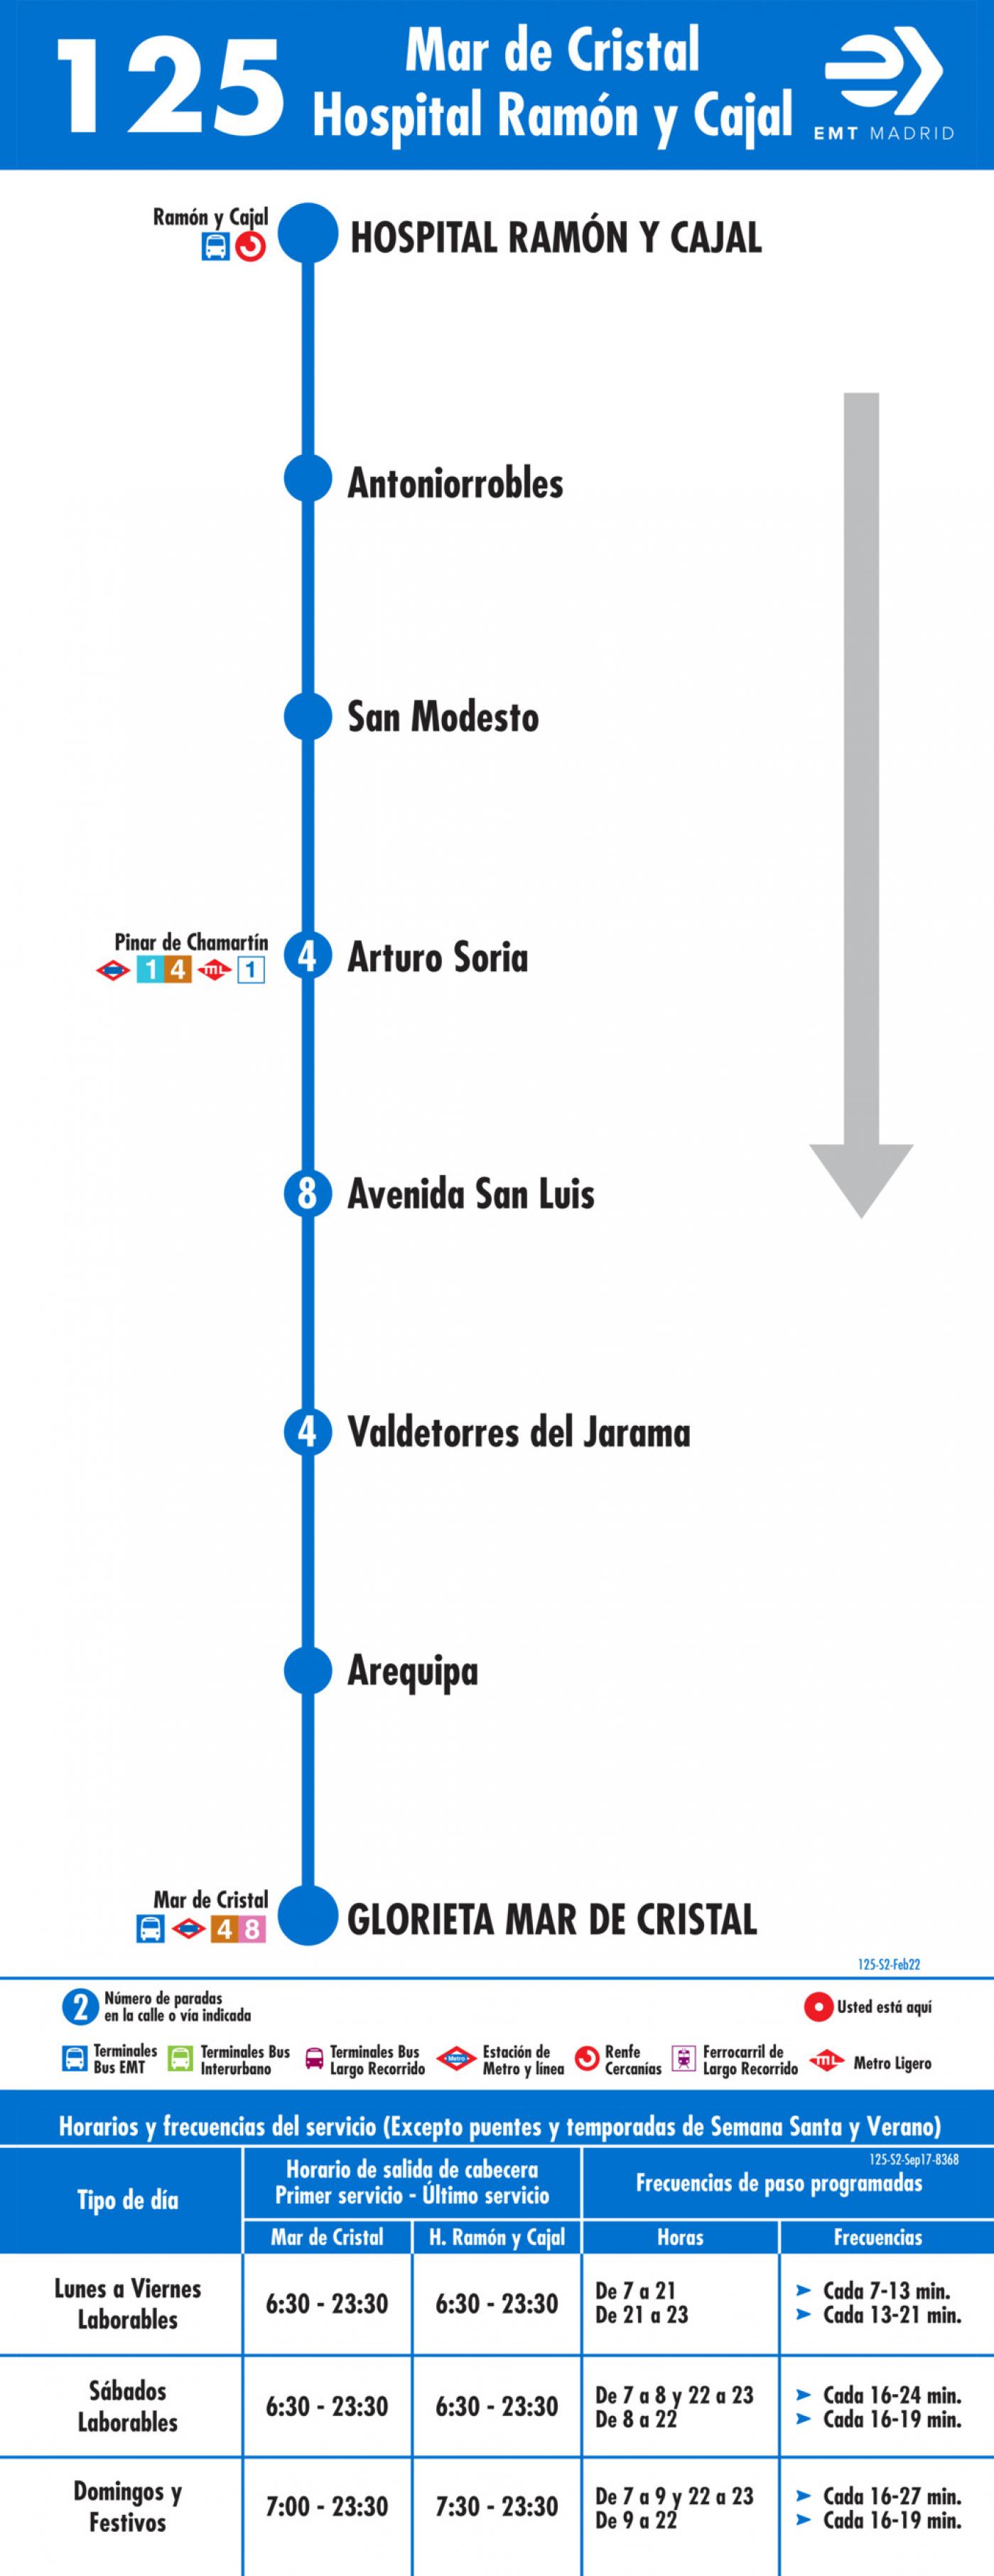 Tabla de horarios y frecuencias de paso en sentido vuelta Línea 125: Mar de Cristal - Hospital Ramón y Cajal